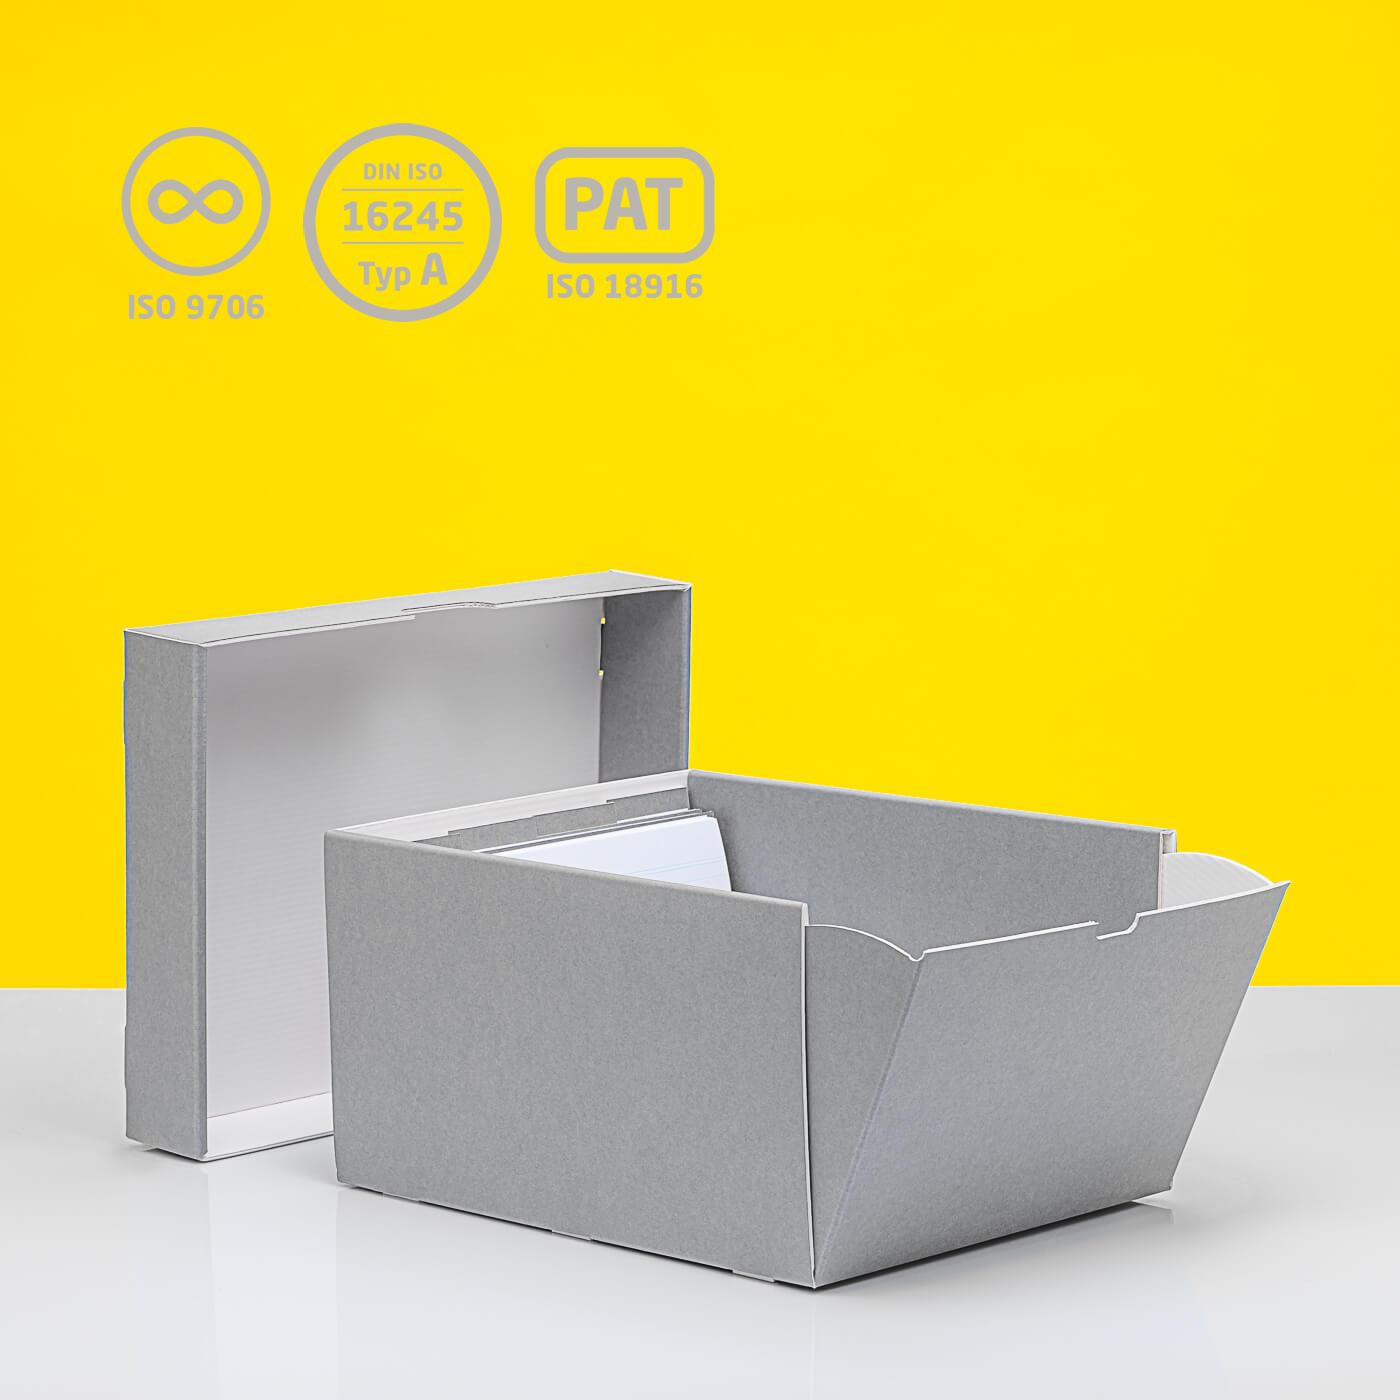 Karteikartenbox mit aufklappbarer Seite und vier losen Stegen